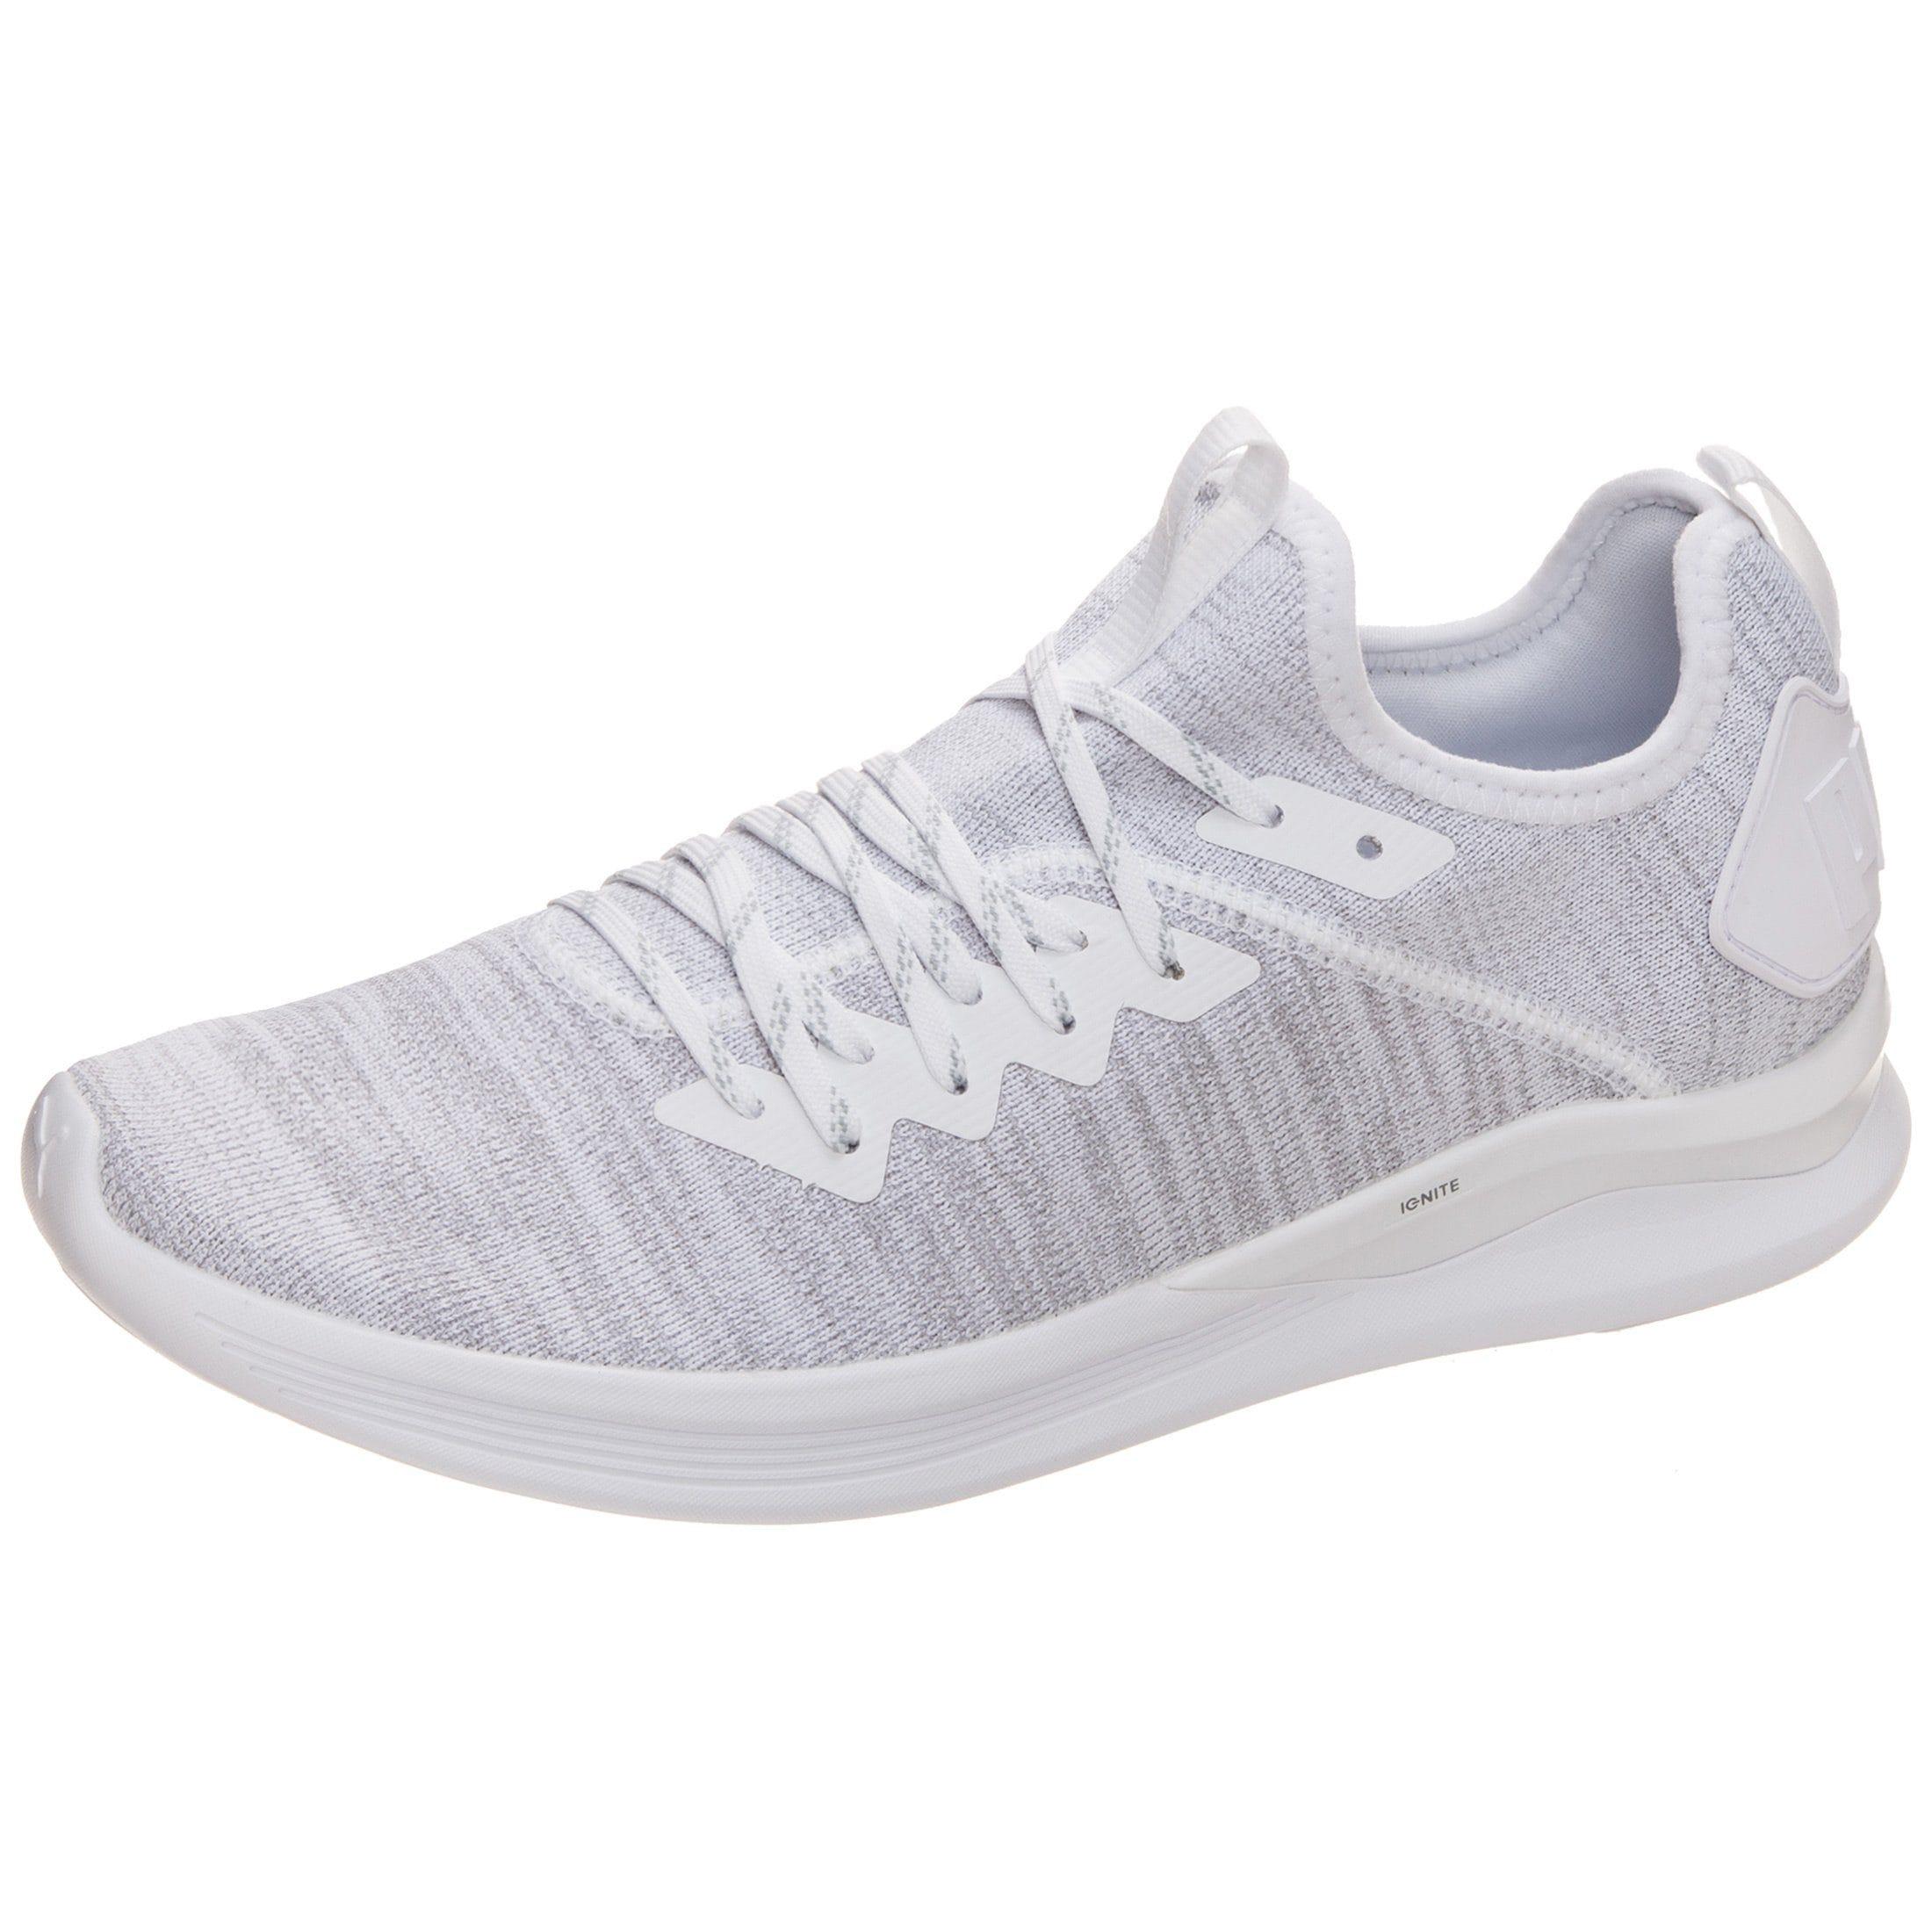 PUMA Sneaker Ignite Flash Evoknit | Schuhe > Sneaker | Weiß | Puma